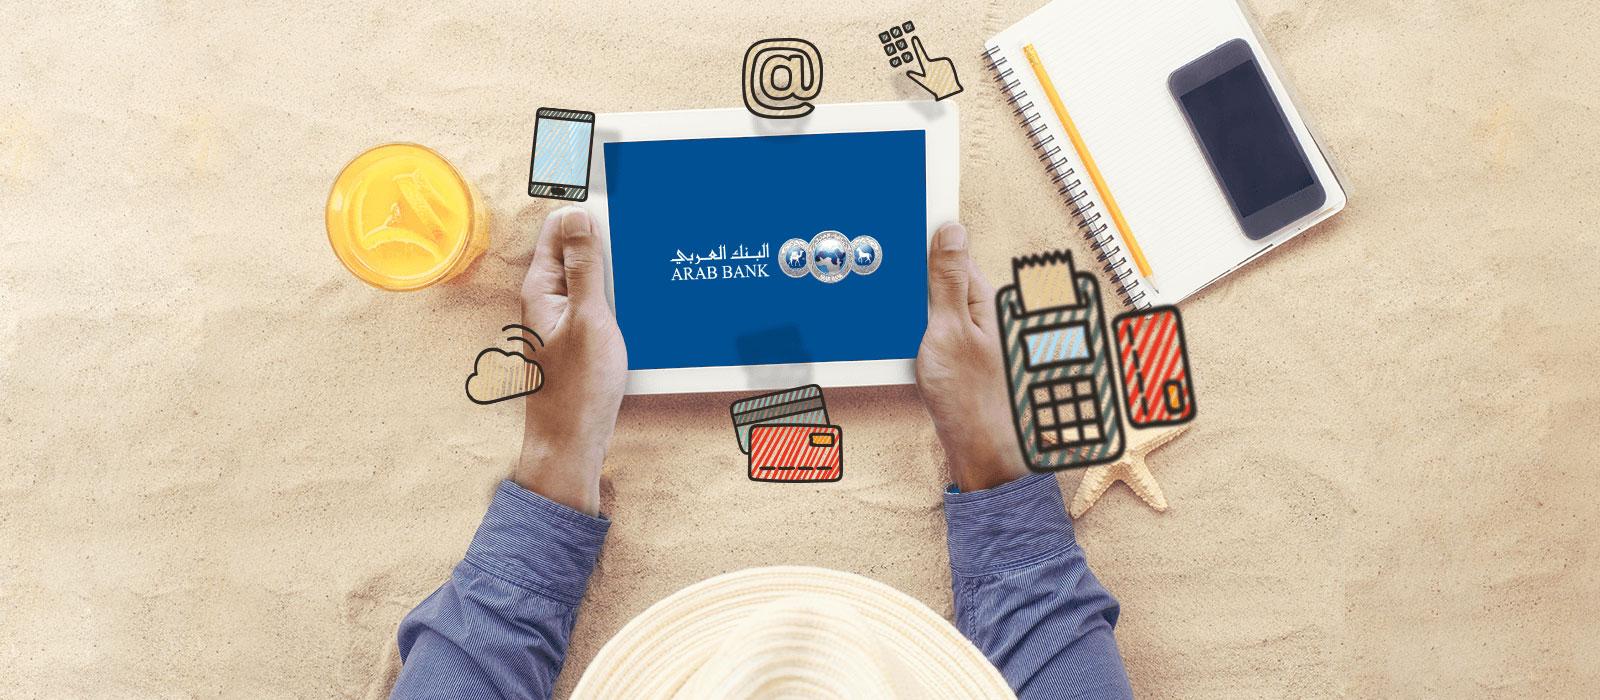 فتح حساب بنك العربي السعودي أون لاين زيادة